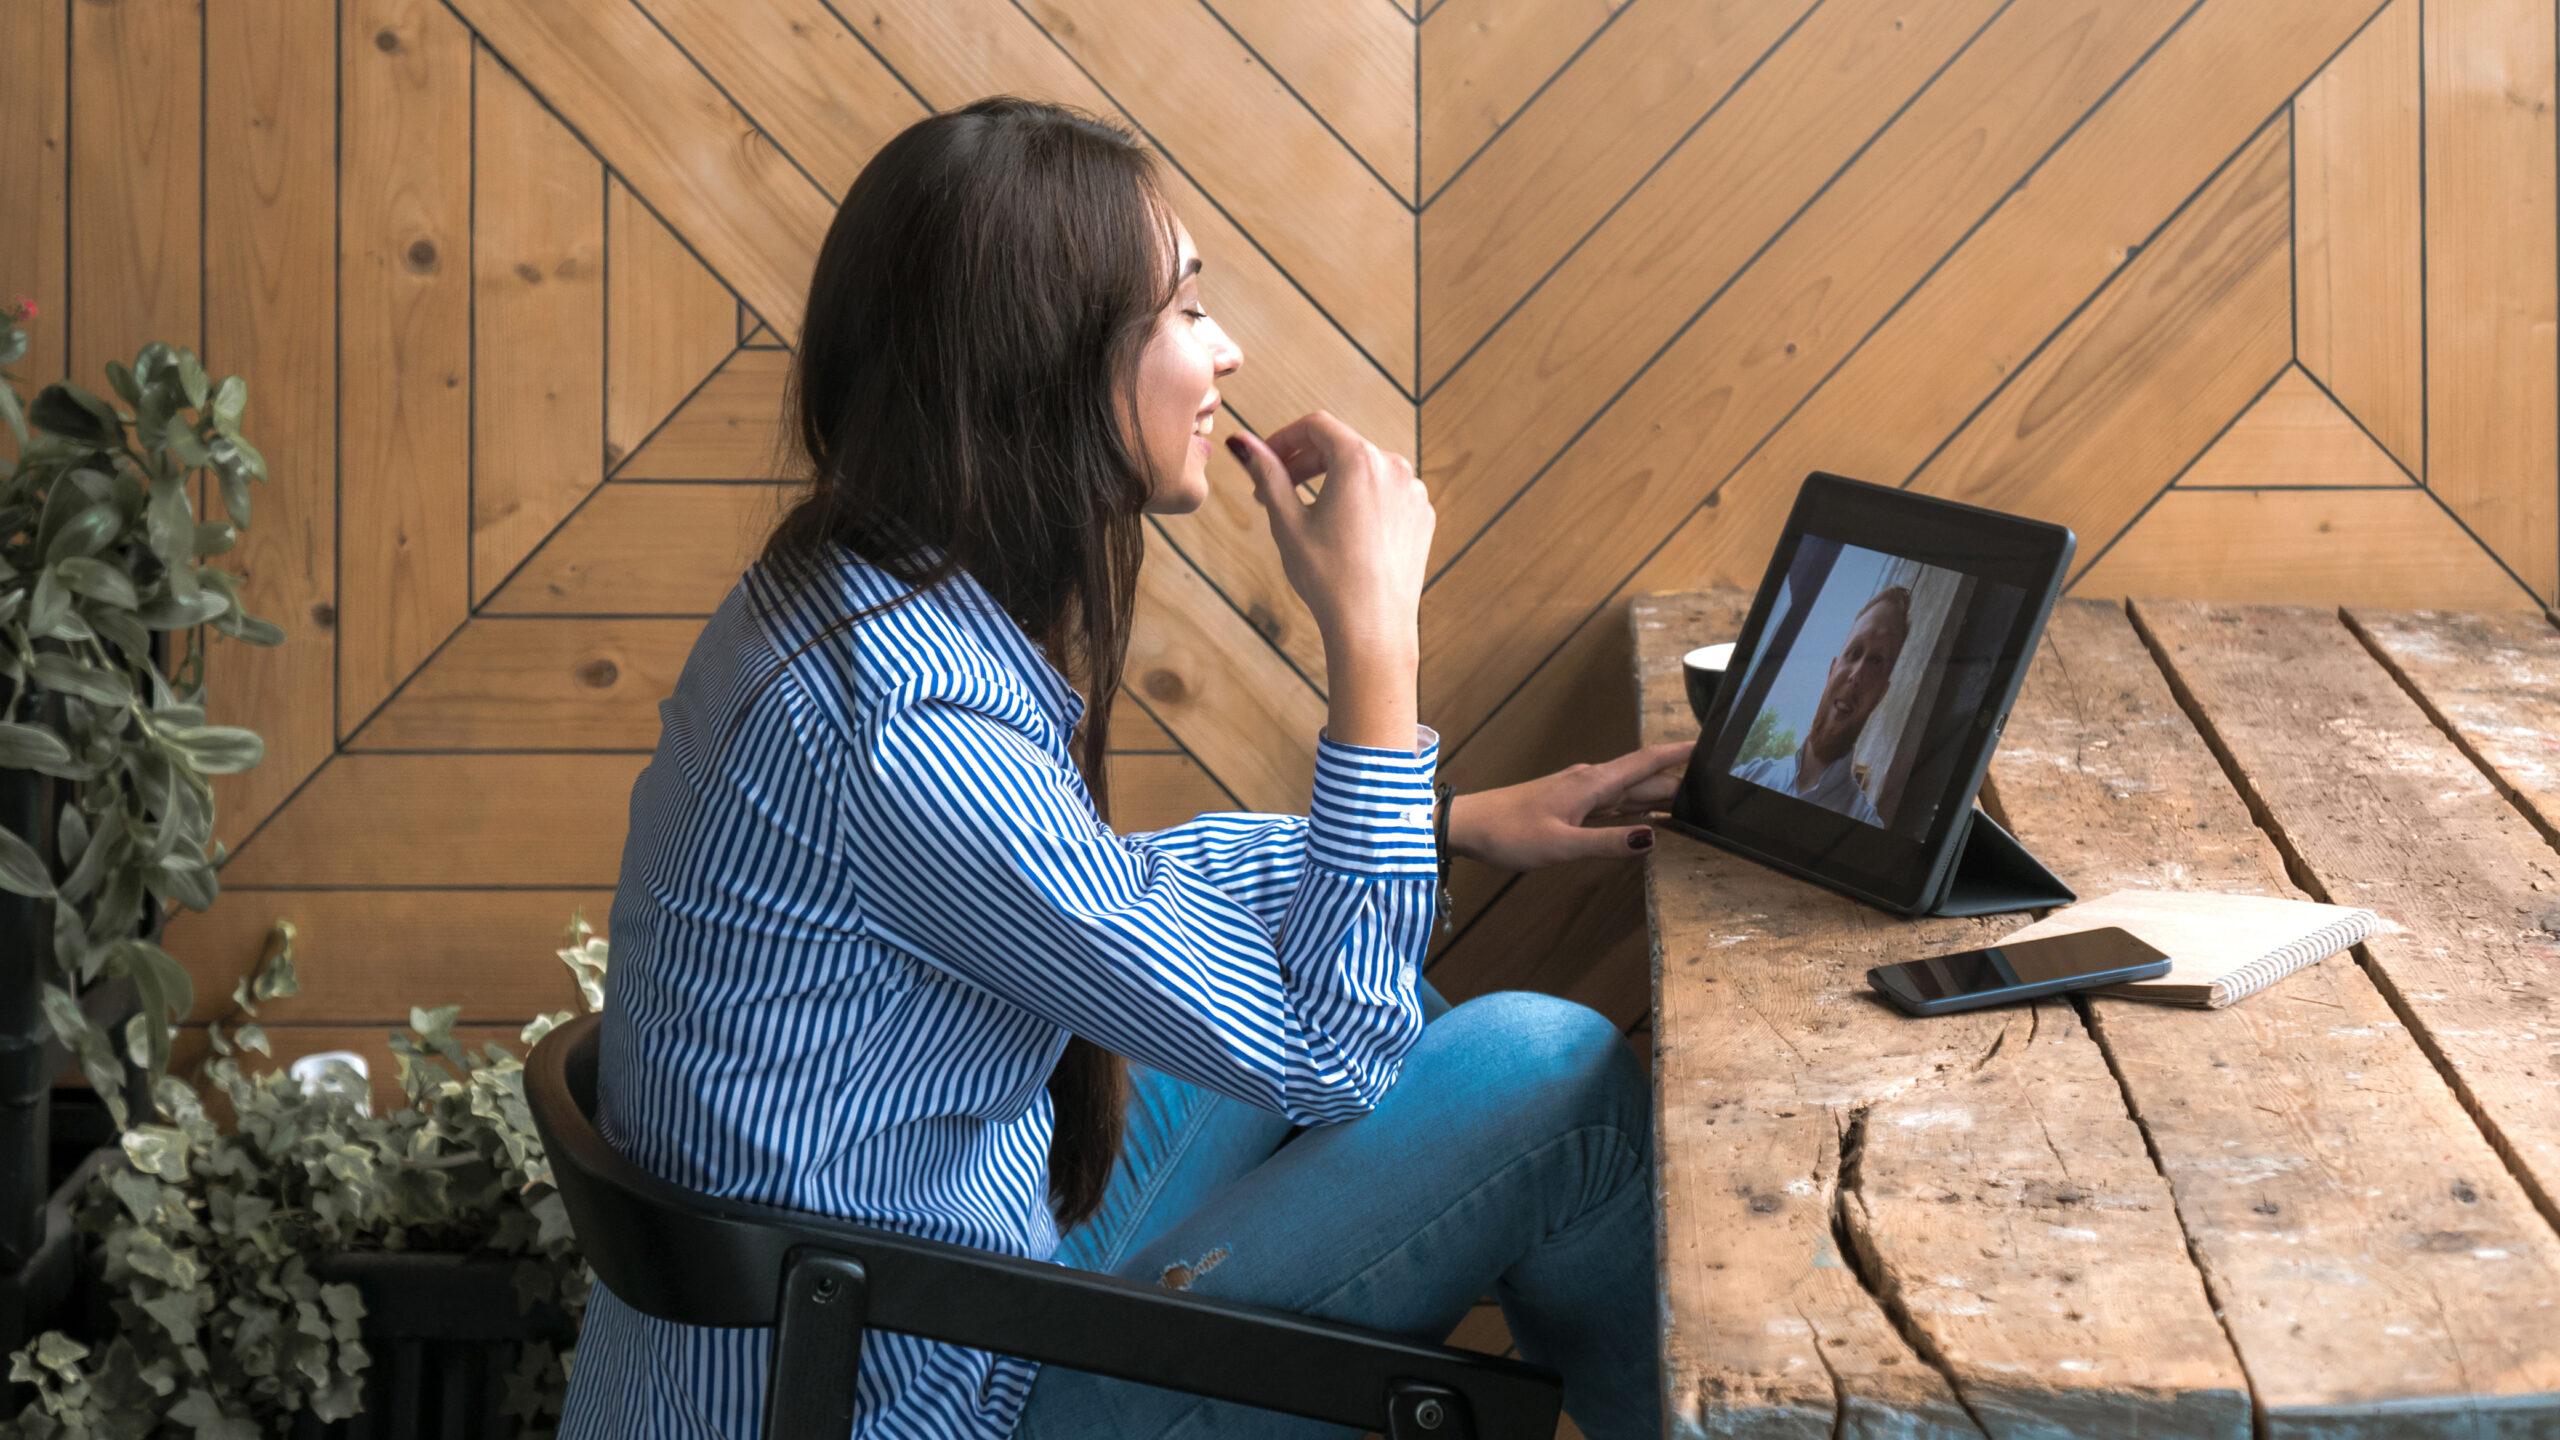 Frau mit Schwarzen Haaren, hat einen Videocall in einem Rustikalen Cafe